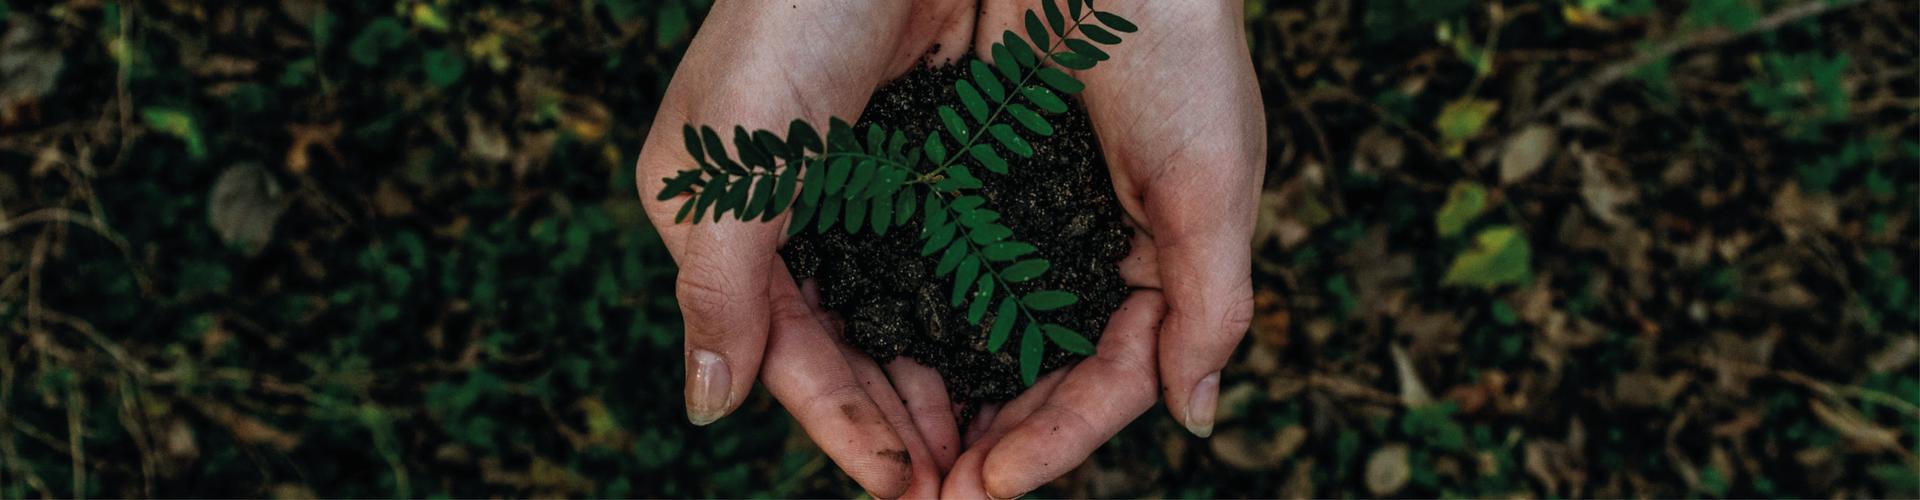 Ambiente, verde e rifiuti Comune di salve